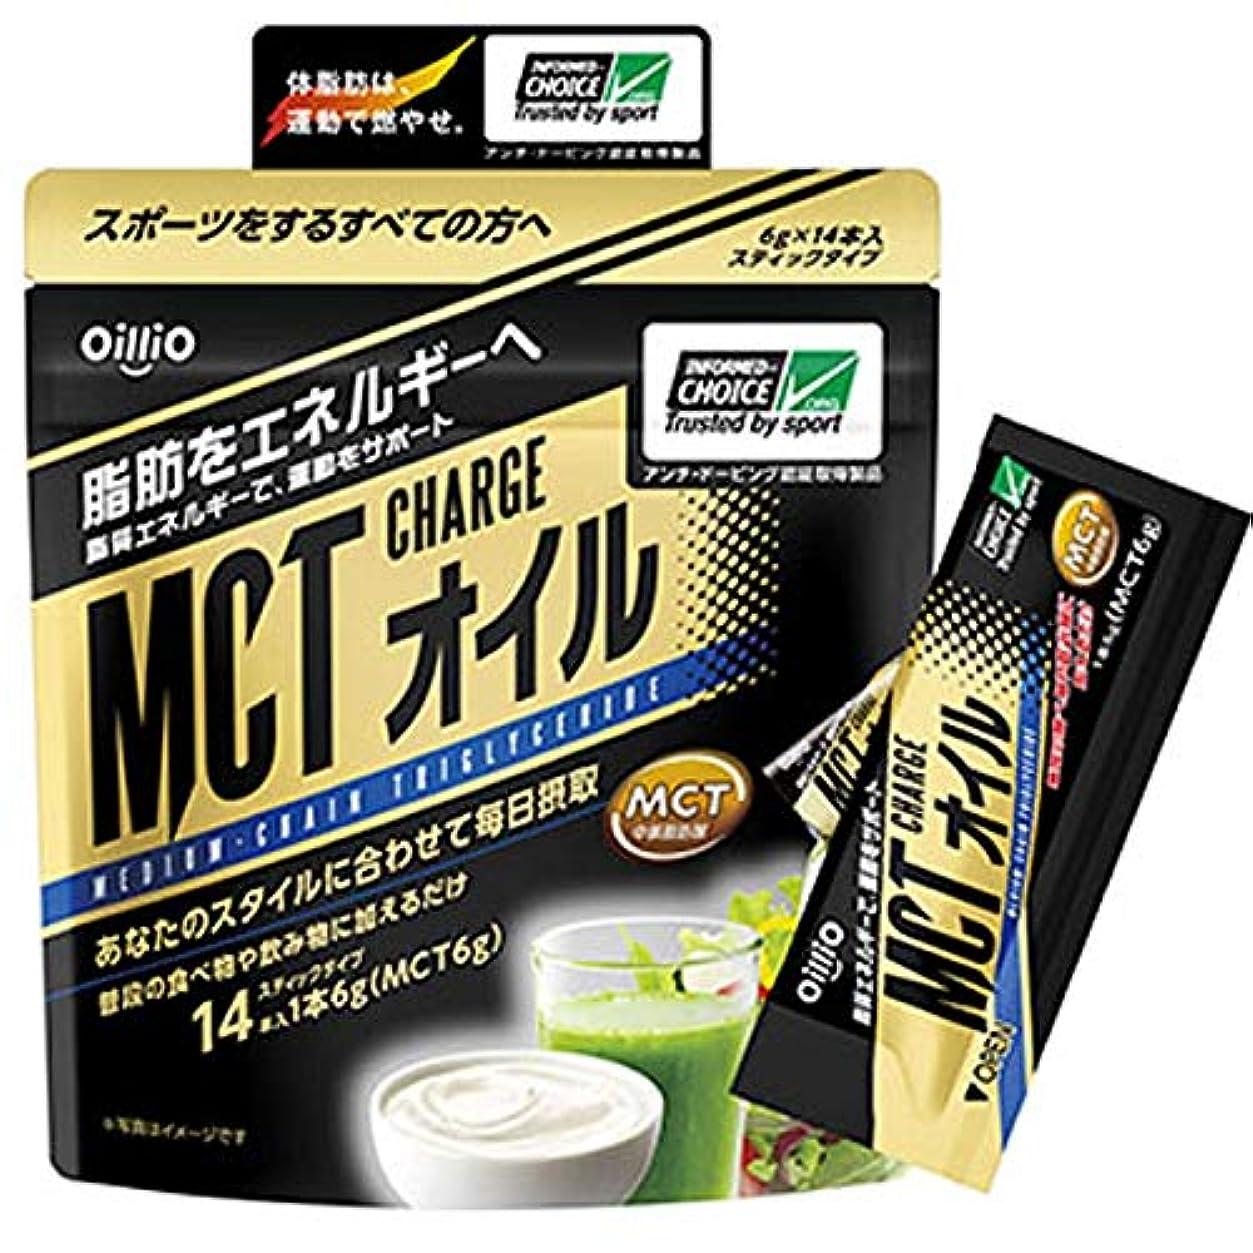 ビジョンアーチ矢印MCT CHARGE オイル (6g×14本)×3個セット